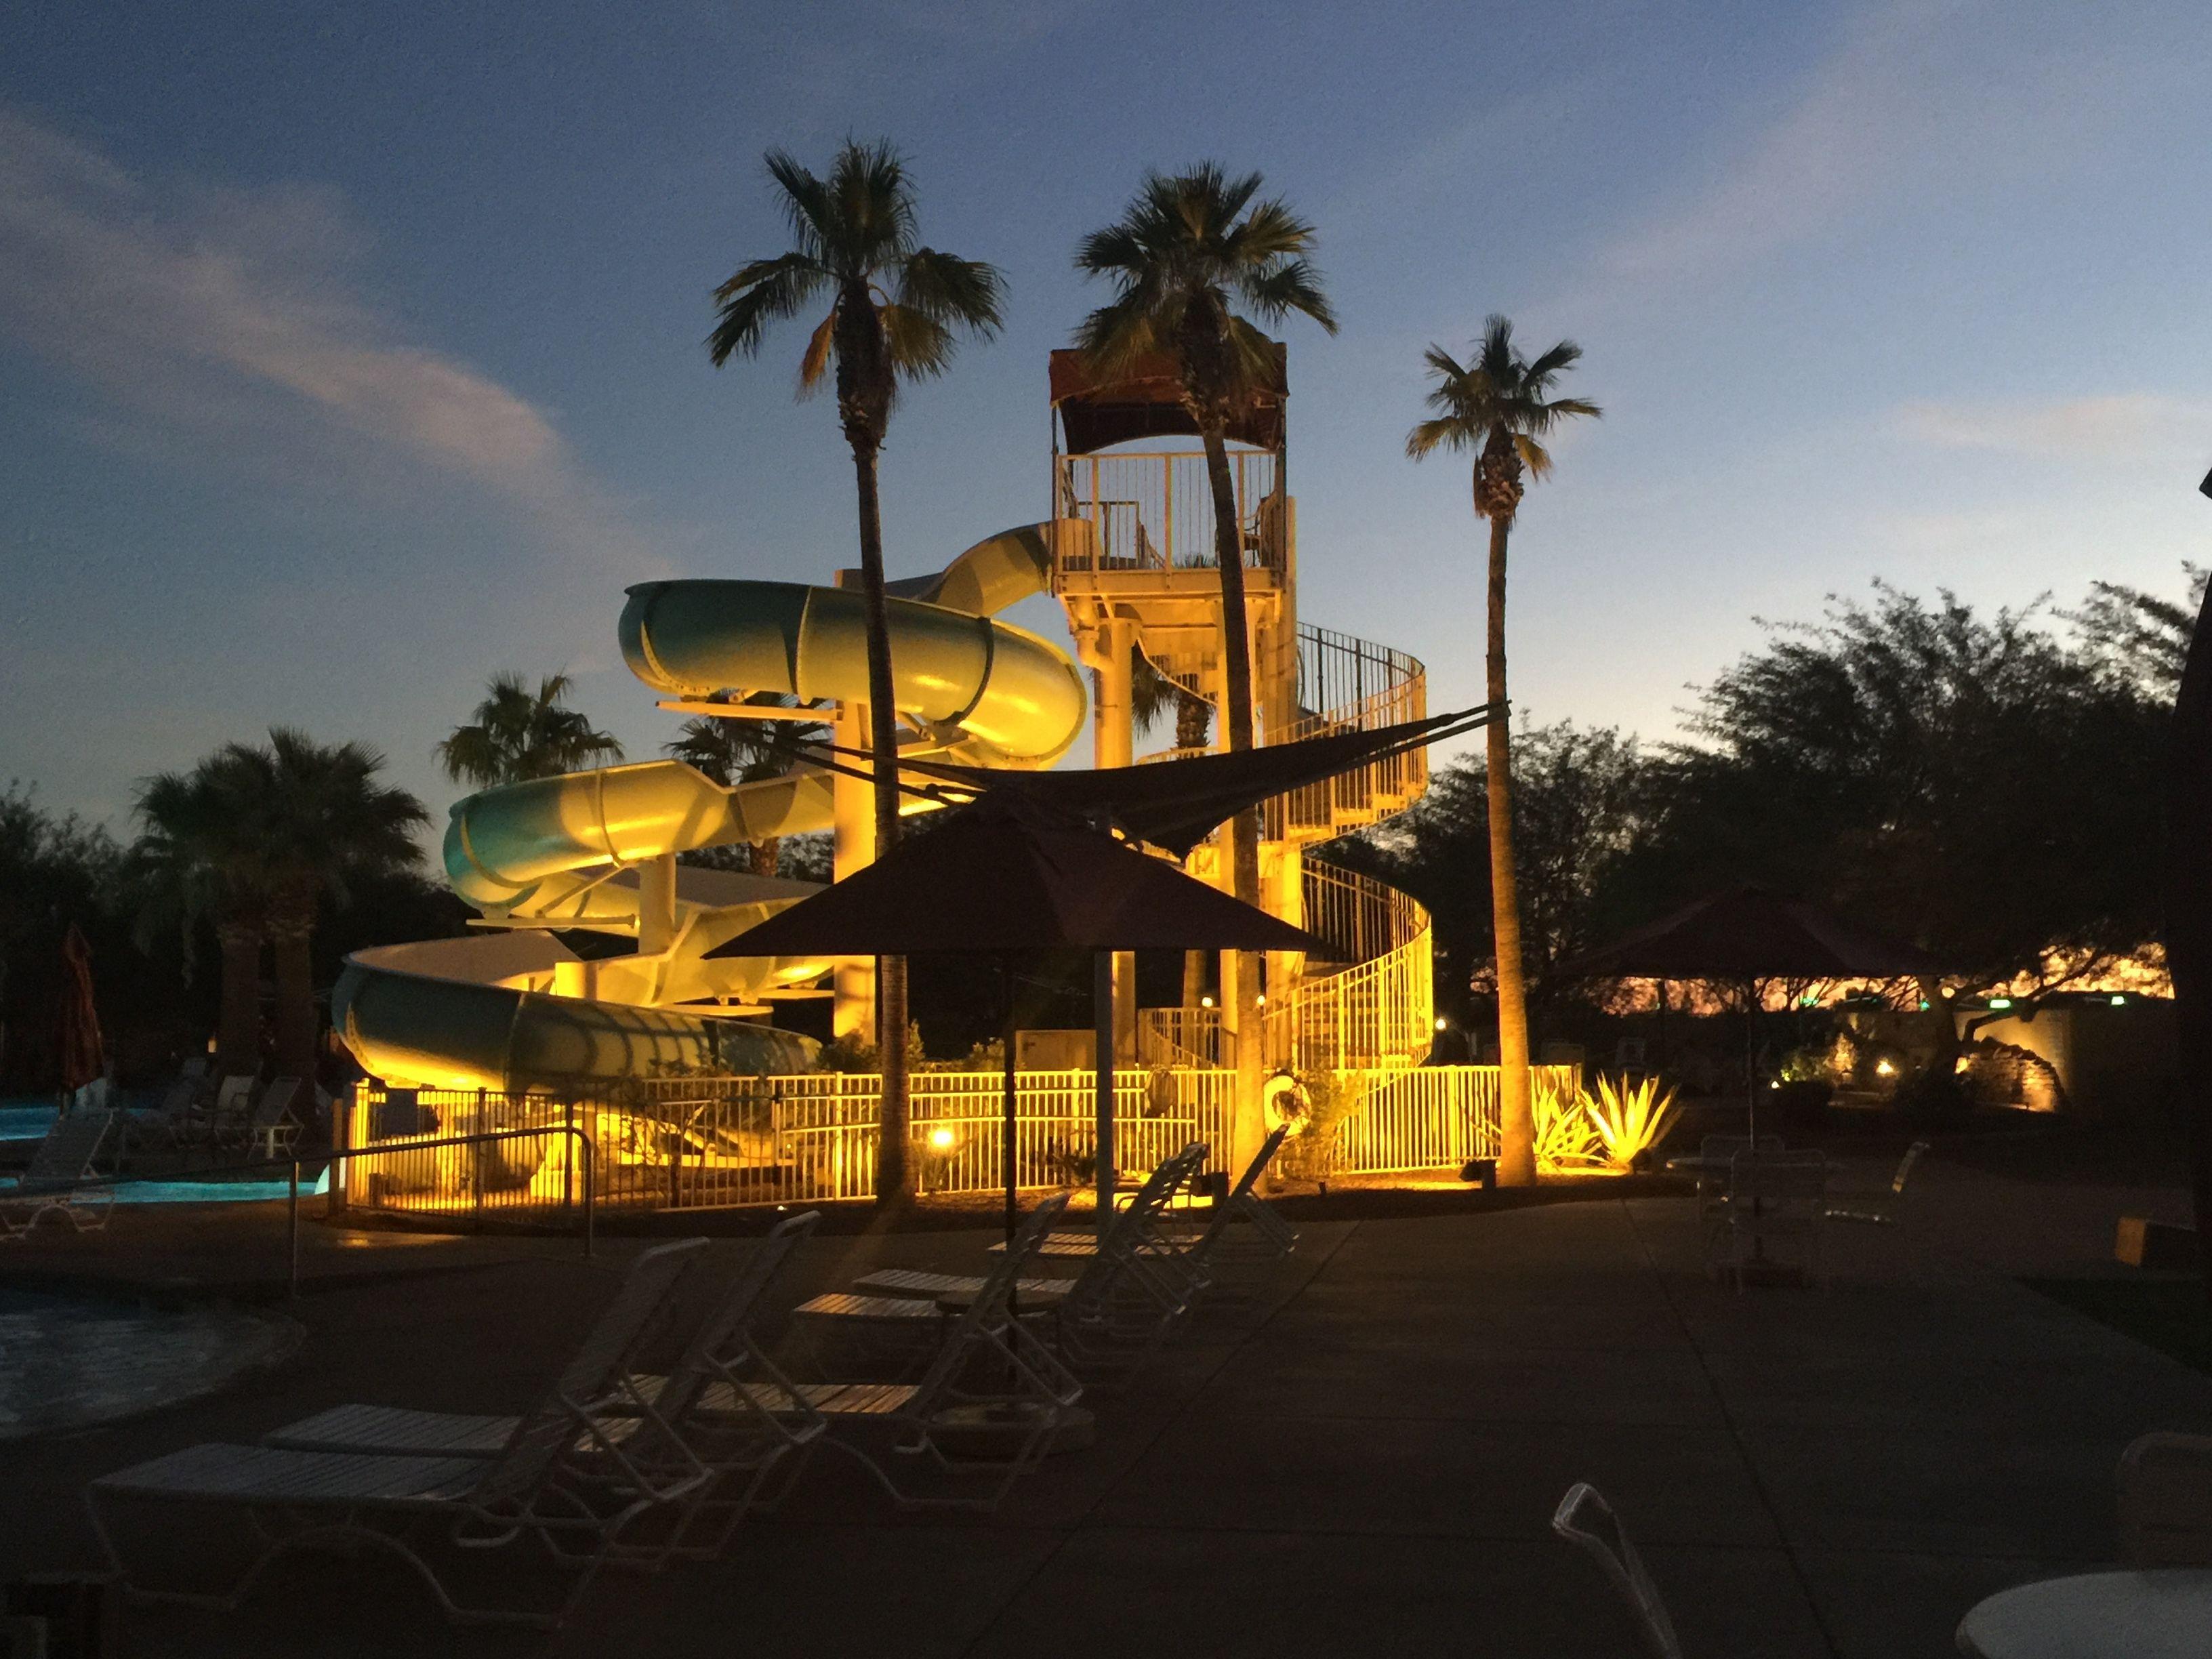 Cibola Vista Resort and Spa Peoria AZ  Places to travel